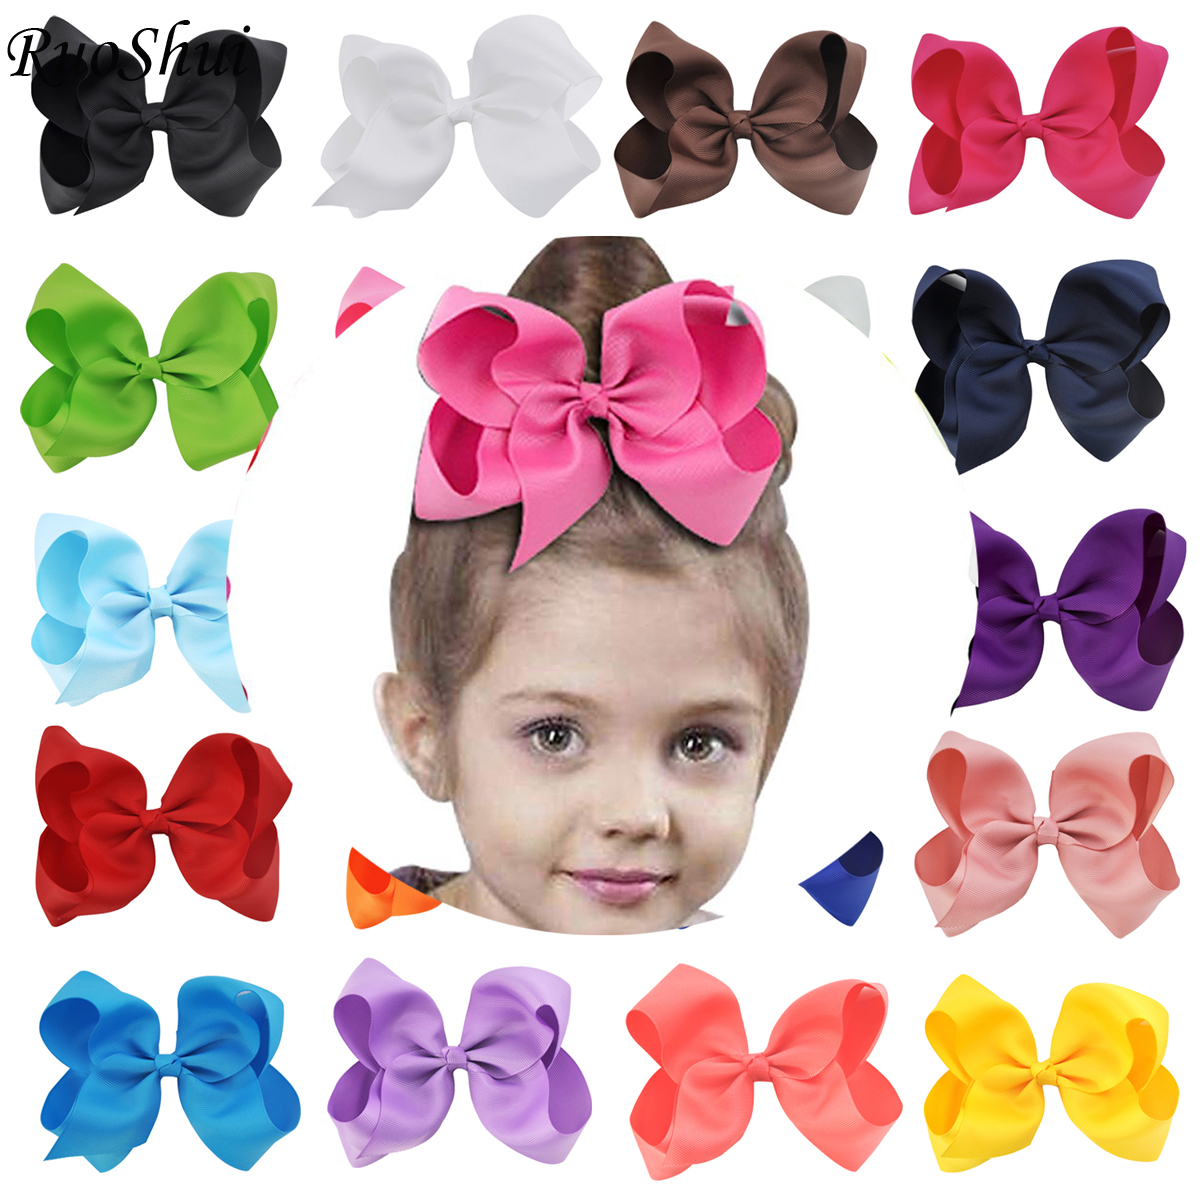 New 6 Inch Girls Hair Accessories Grosgrain Ribbon Cute Solid Hair Bows Children Princess Hairpins Kids Child Bowknot Hairclip